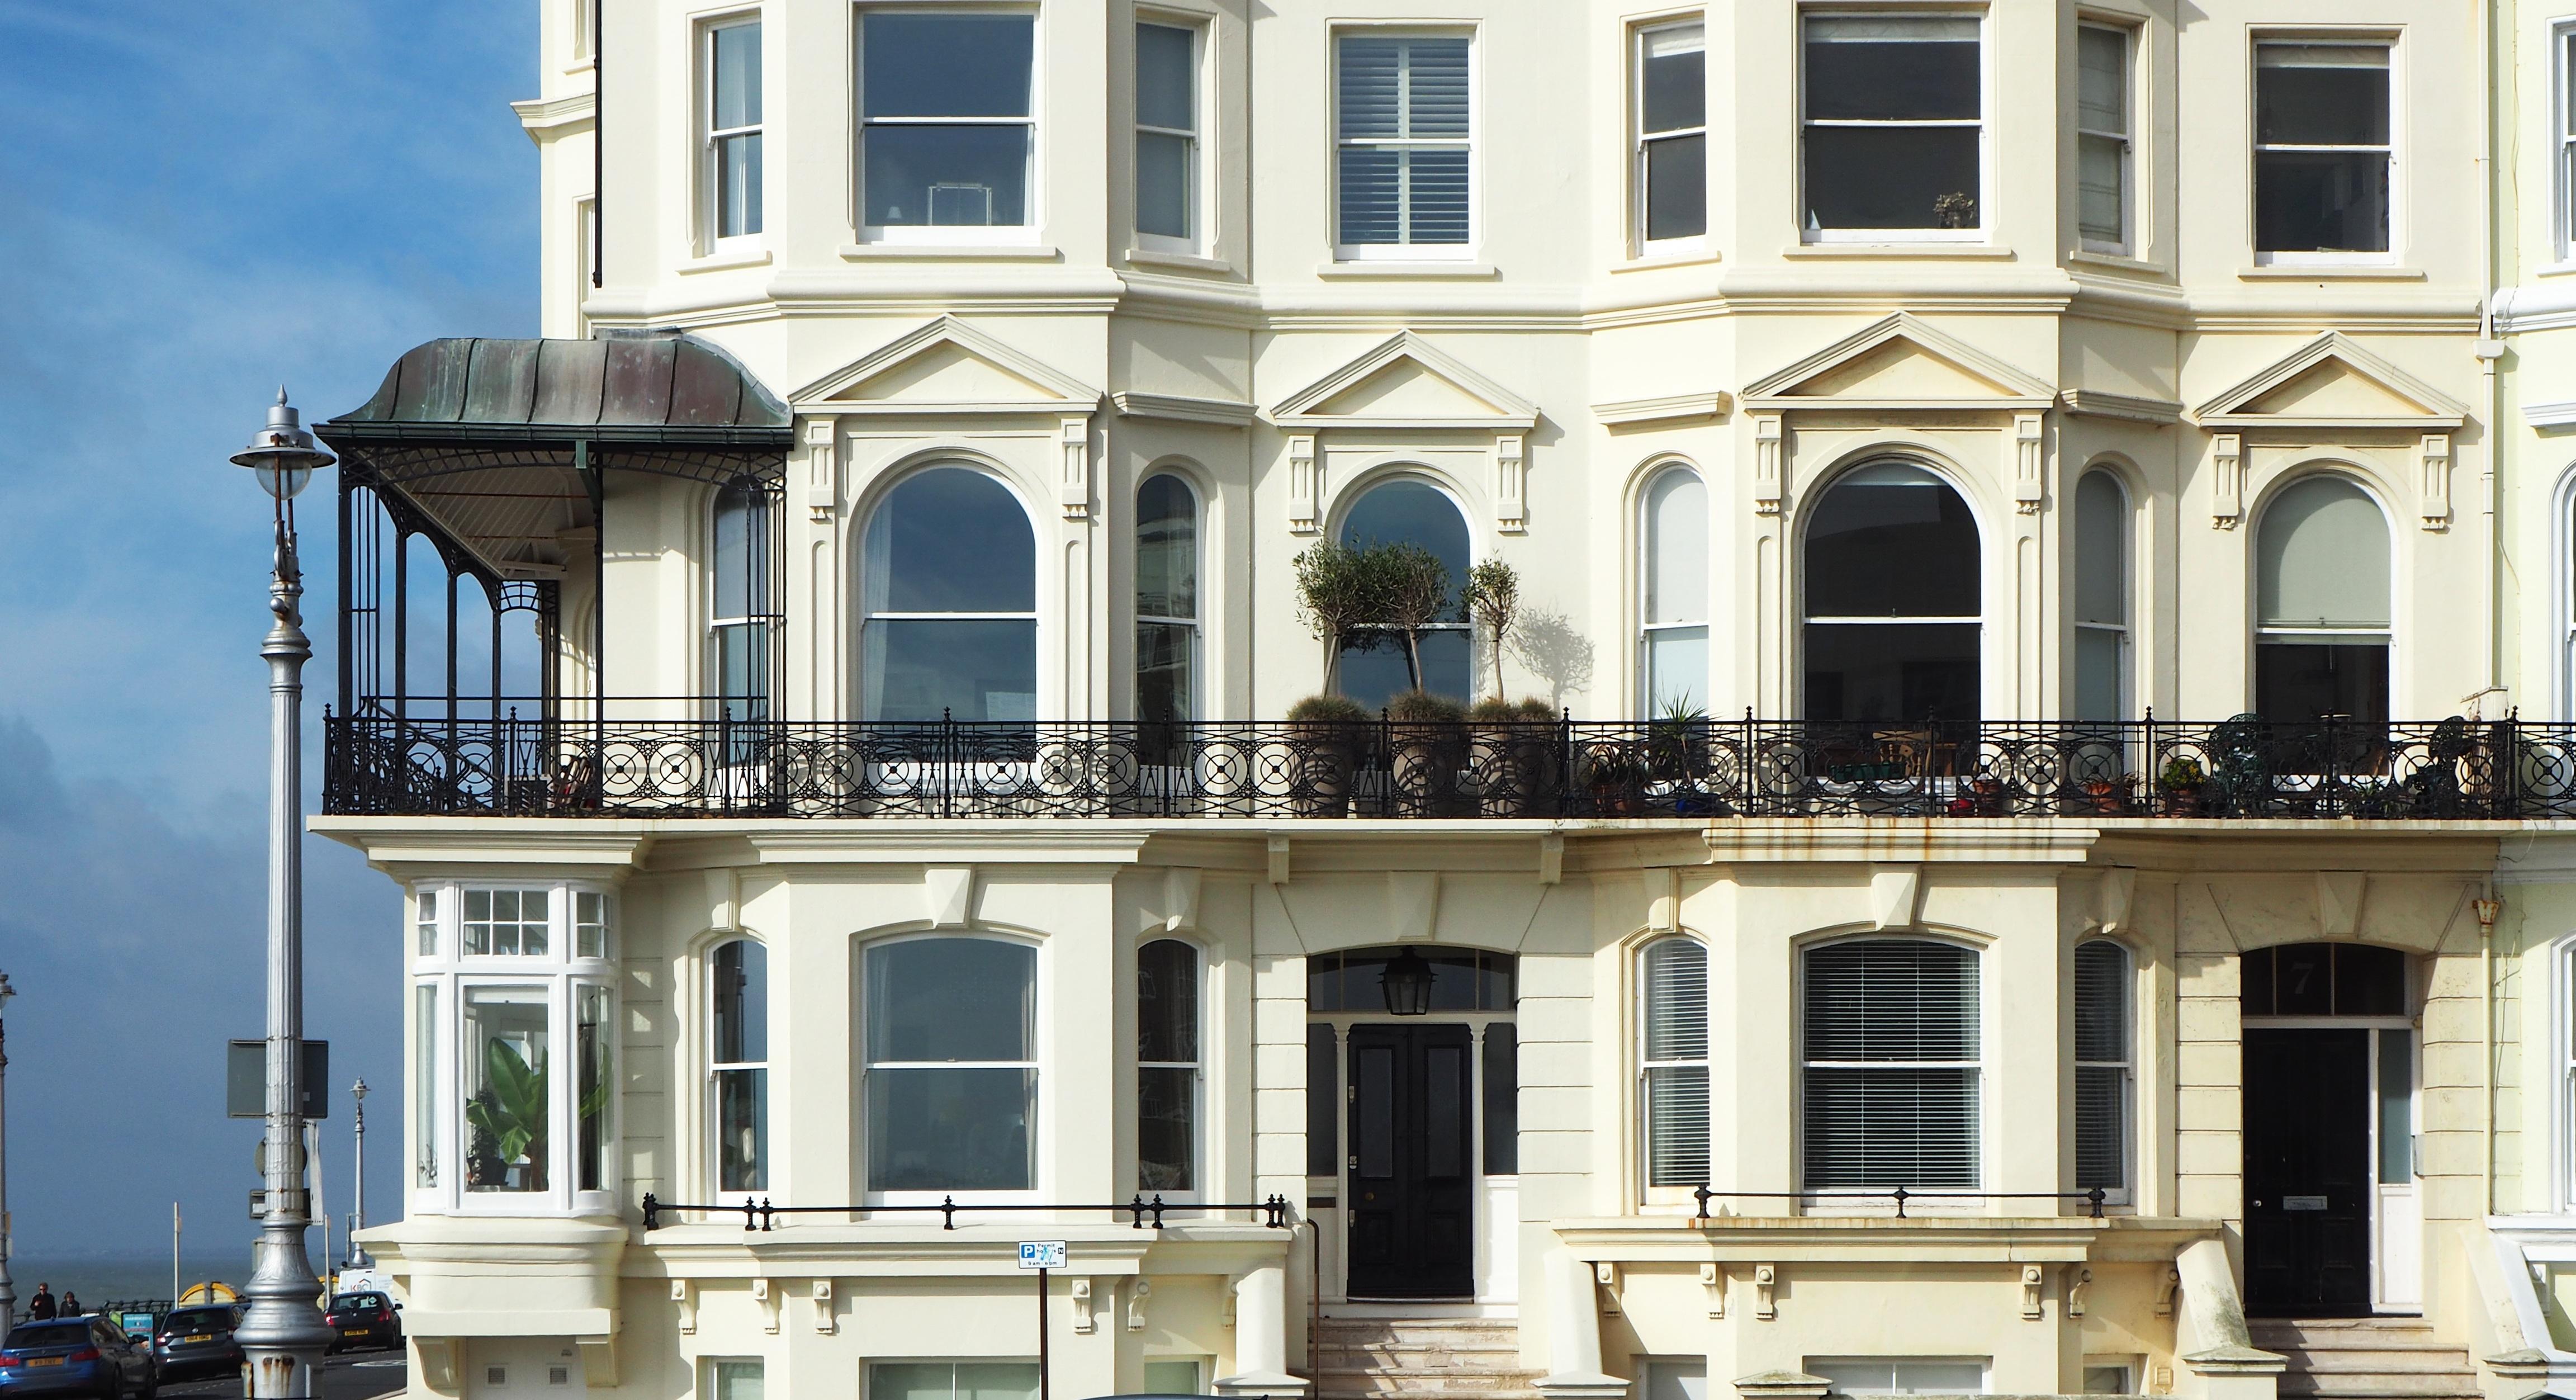 Fotos gratis arquitectura villa palacio casa ventana pueblo edificio playa balc n - Subastas de pisos en barcelona ...